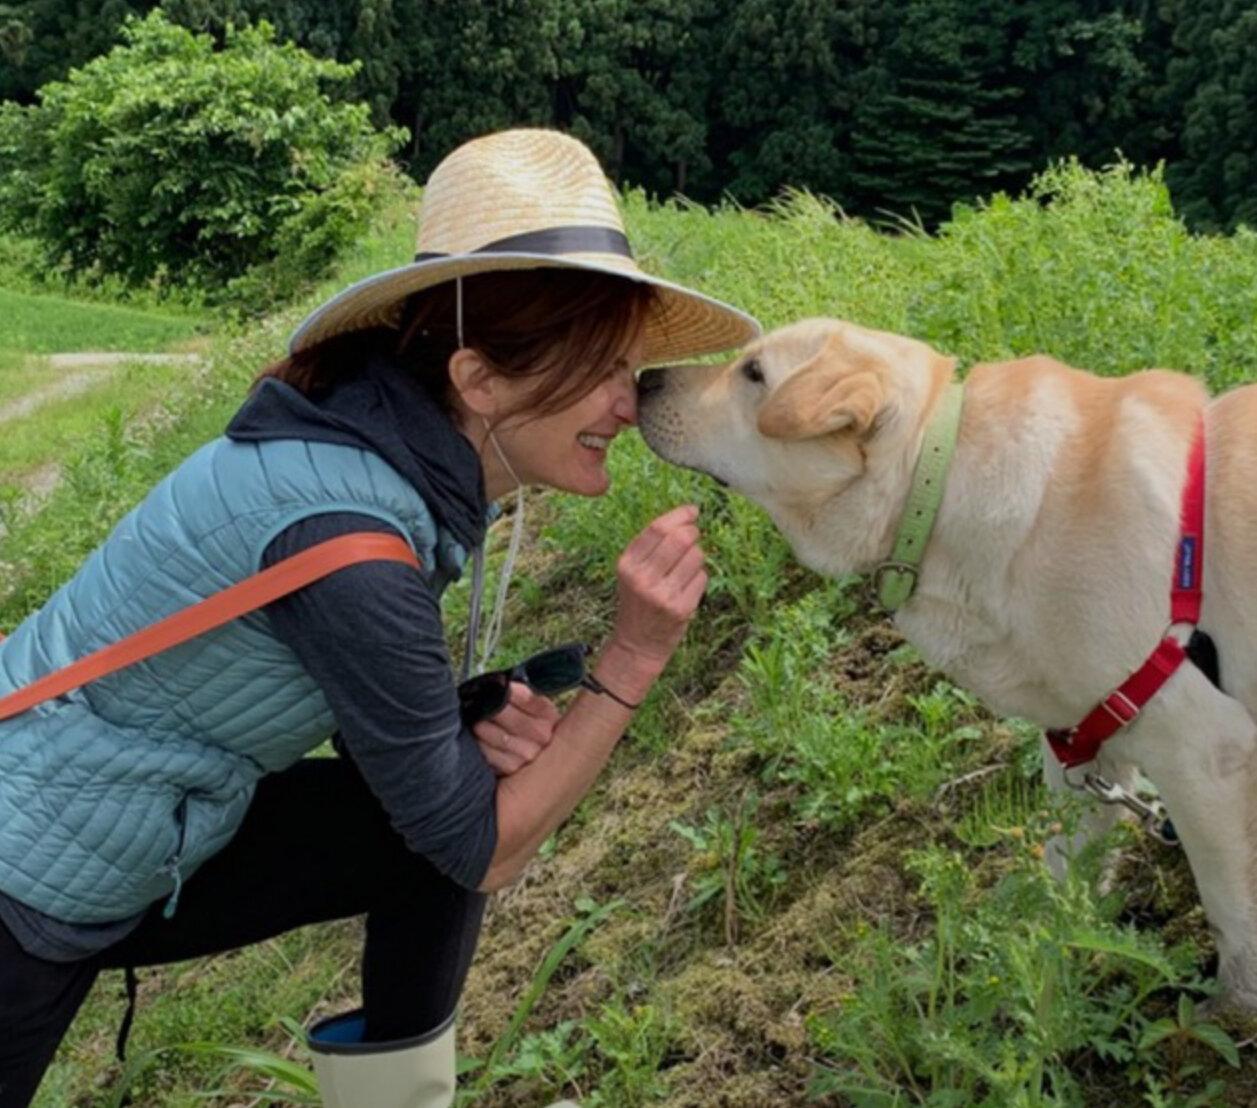 Dogs are excellent diagnosticians